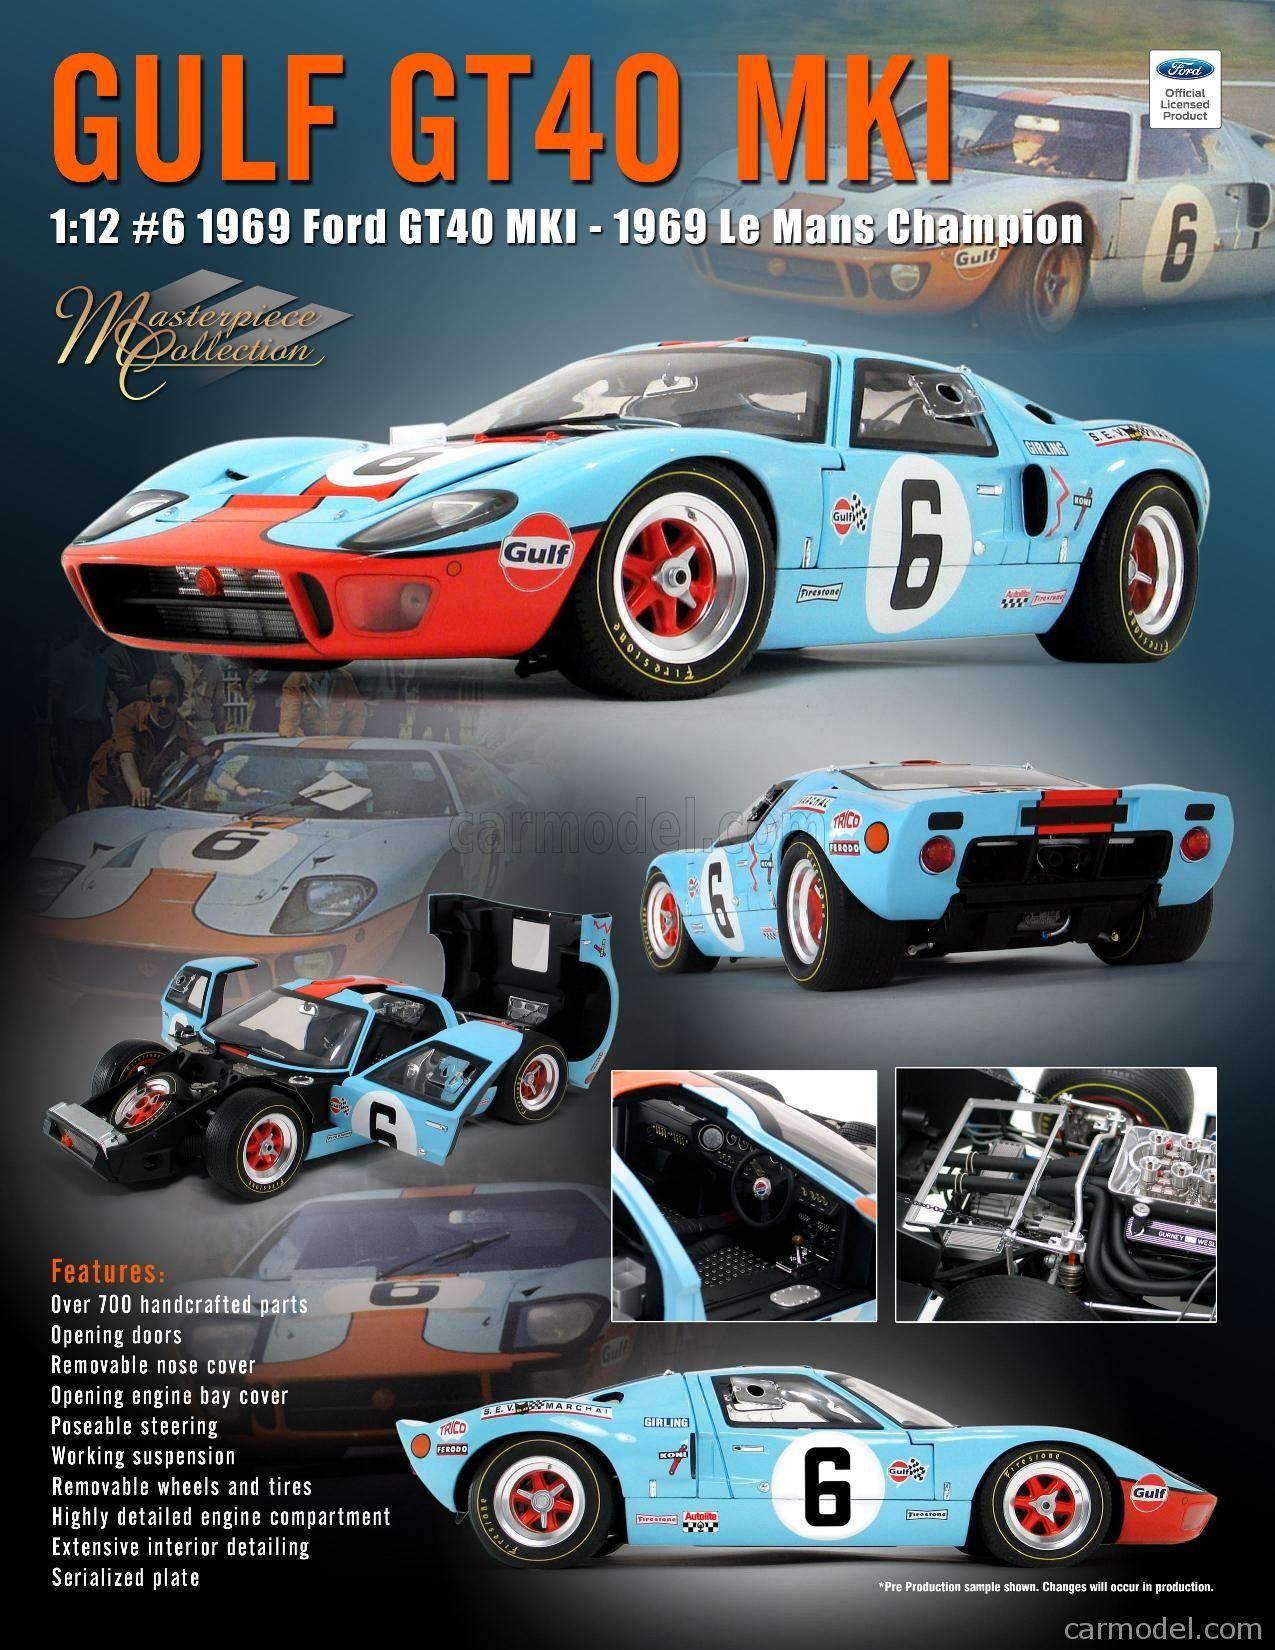 Ford Usa Gt40 4 9l V8 Team Jw Automotive Engineering N 6 Winner 24h Le Mans 1969 J Ickx J Oliver In 2020 Le Mans Automotive Engineering Gt40